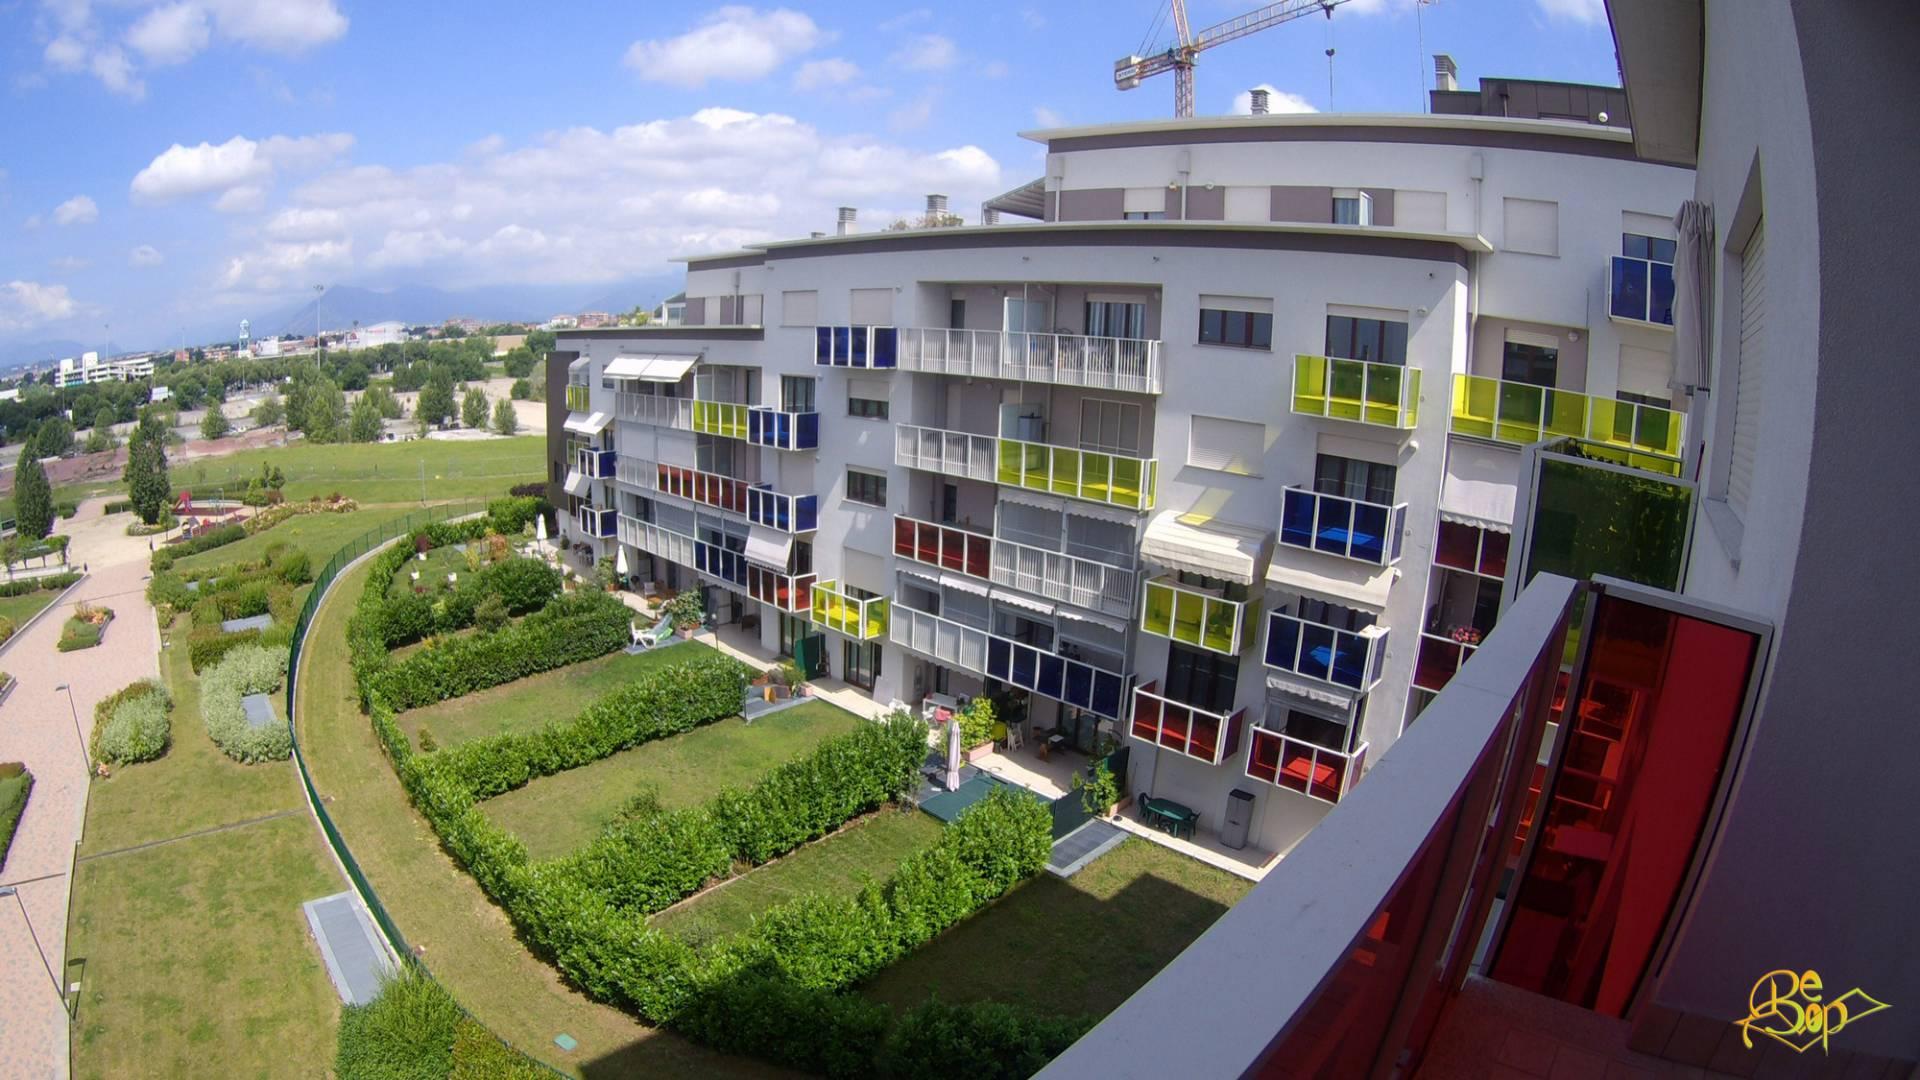 Appartamento in vendita a Grugliasco, 2 locali, prezzo € 145.000 | CambioCasa.it